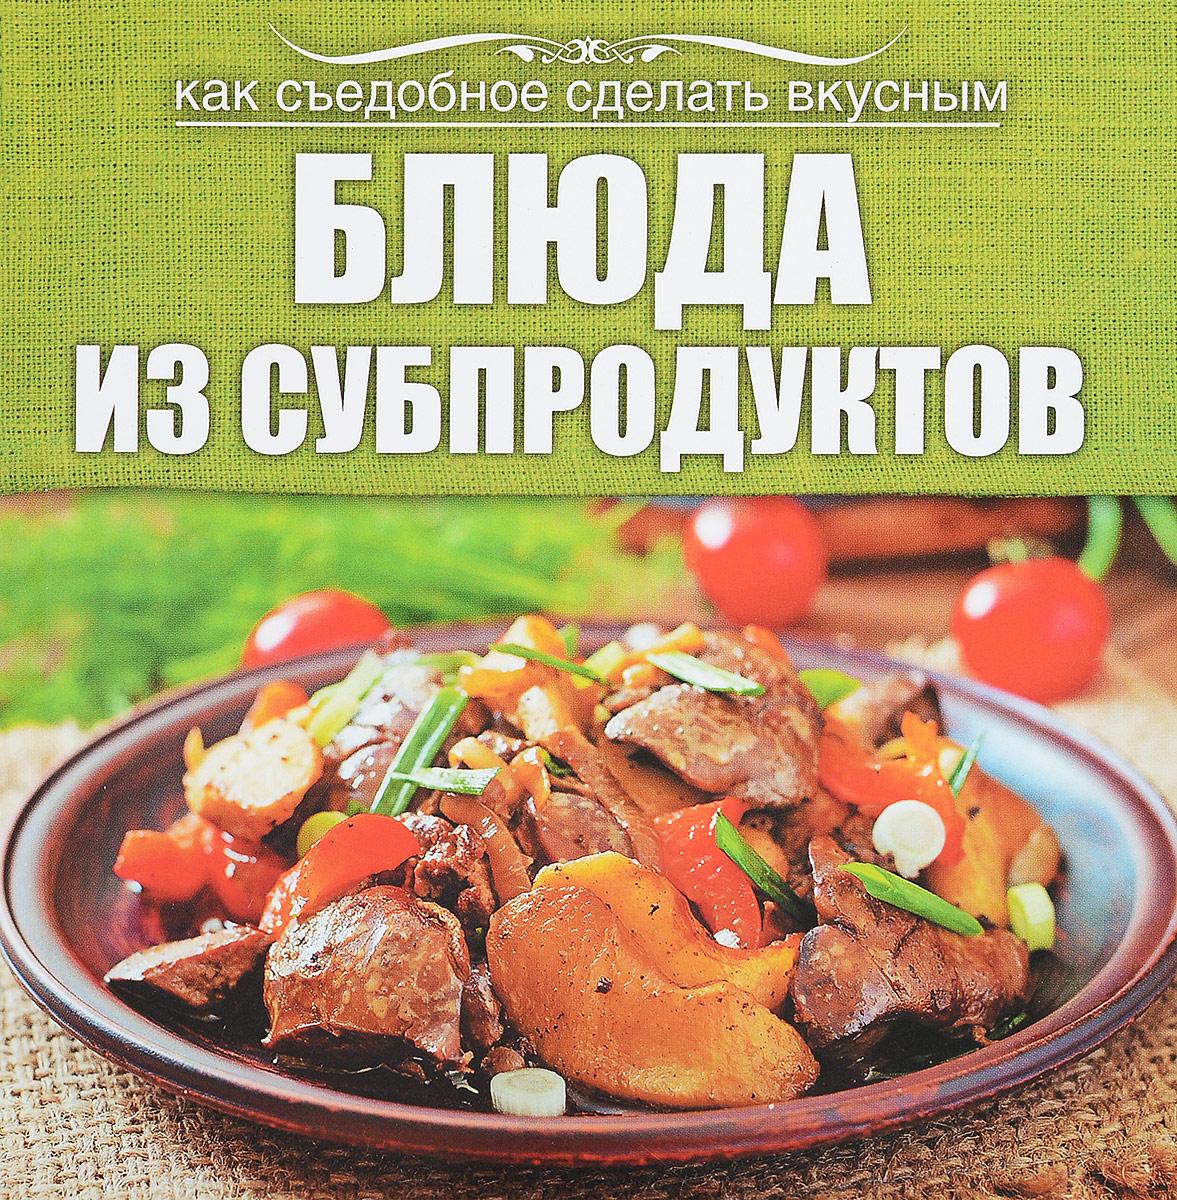 Как съедобное сделать вкусным Блюда из субпродуктов юлия высоцкая вкусные заметки книга для записи рецептов